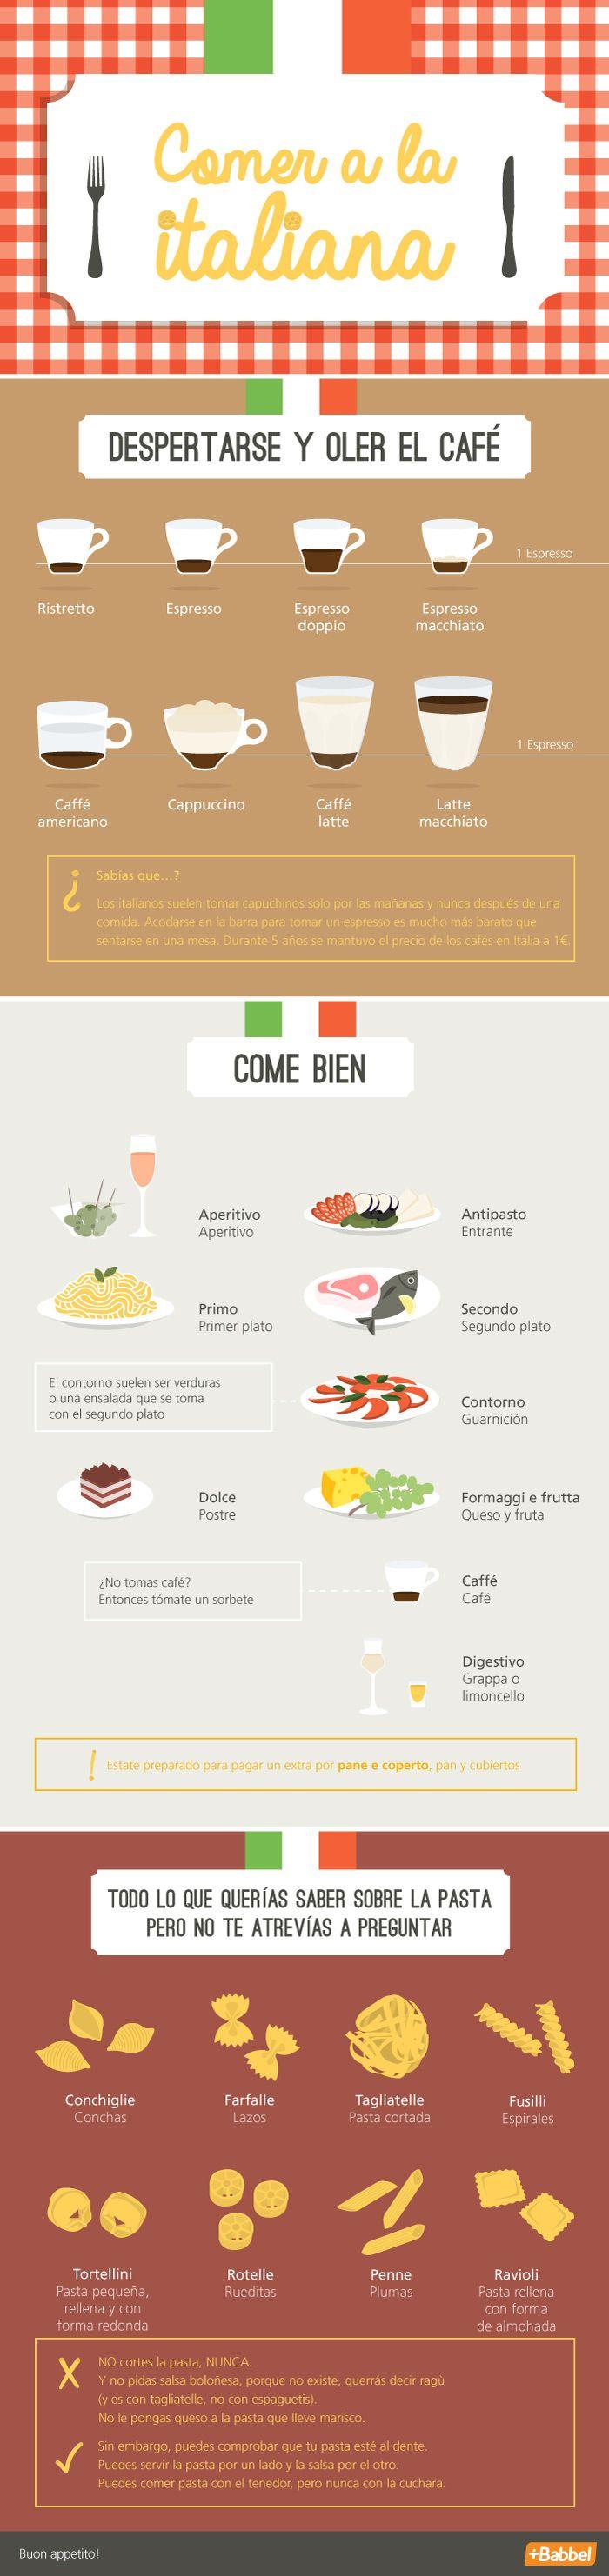 La primera comida en Italia es una verdadera aventura... si quieres saber todo sobre la comida italiana, ¡estás de suerte!